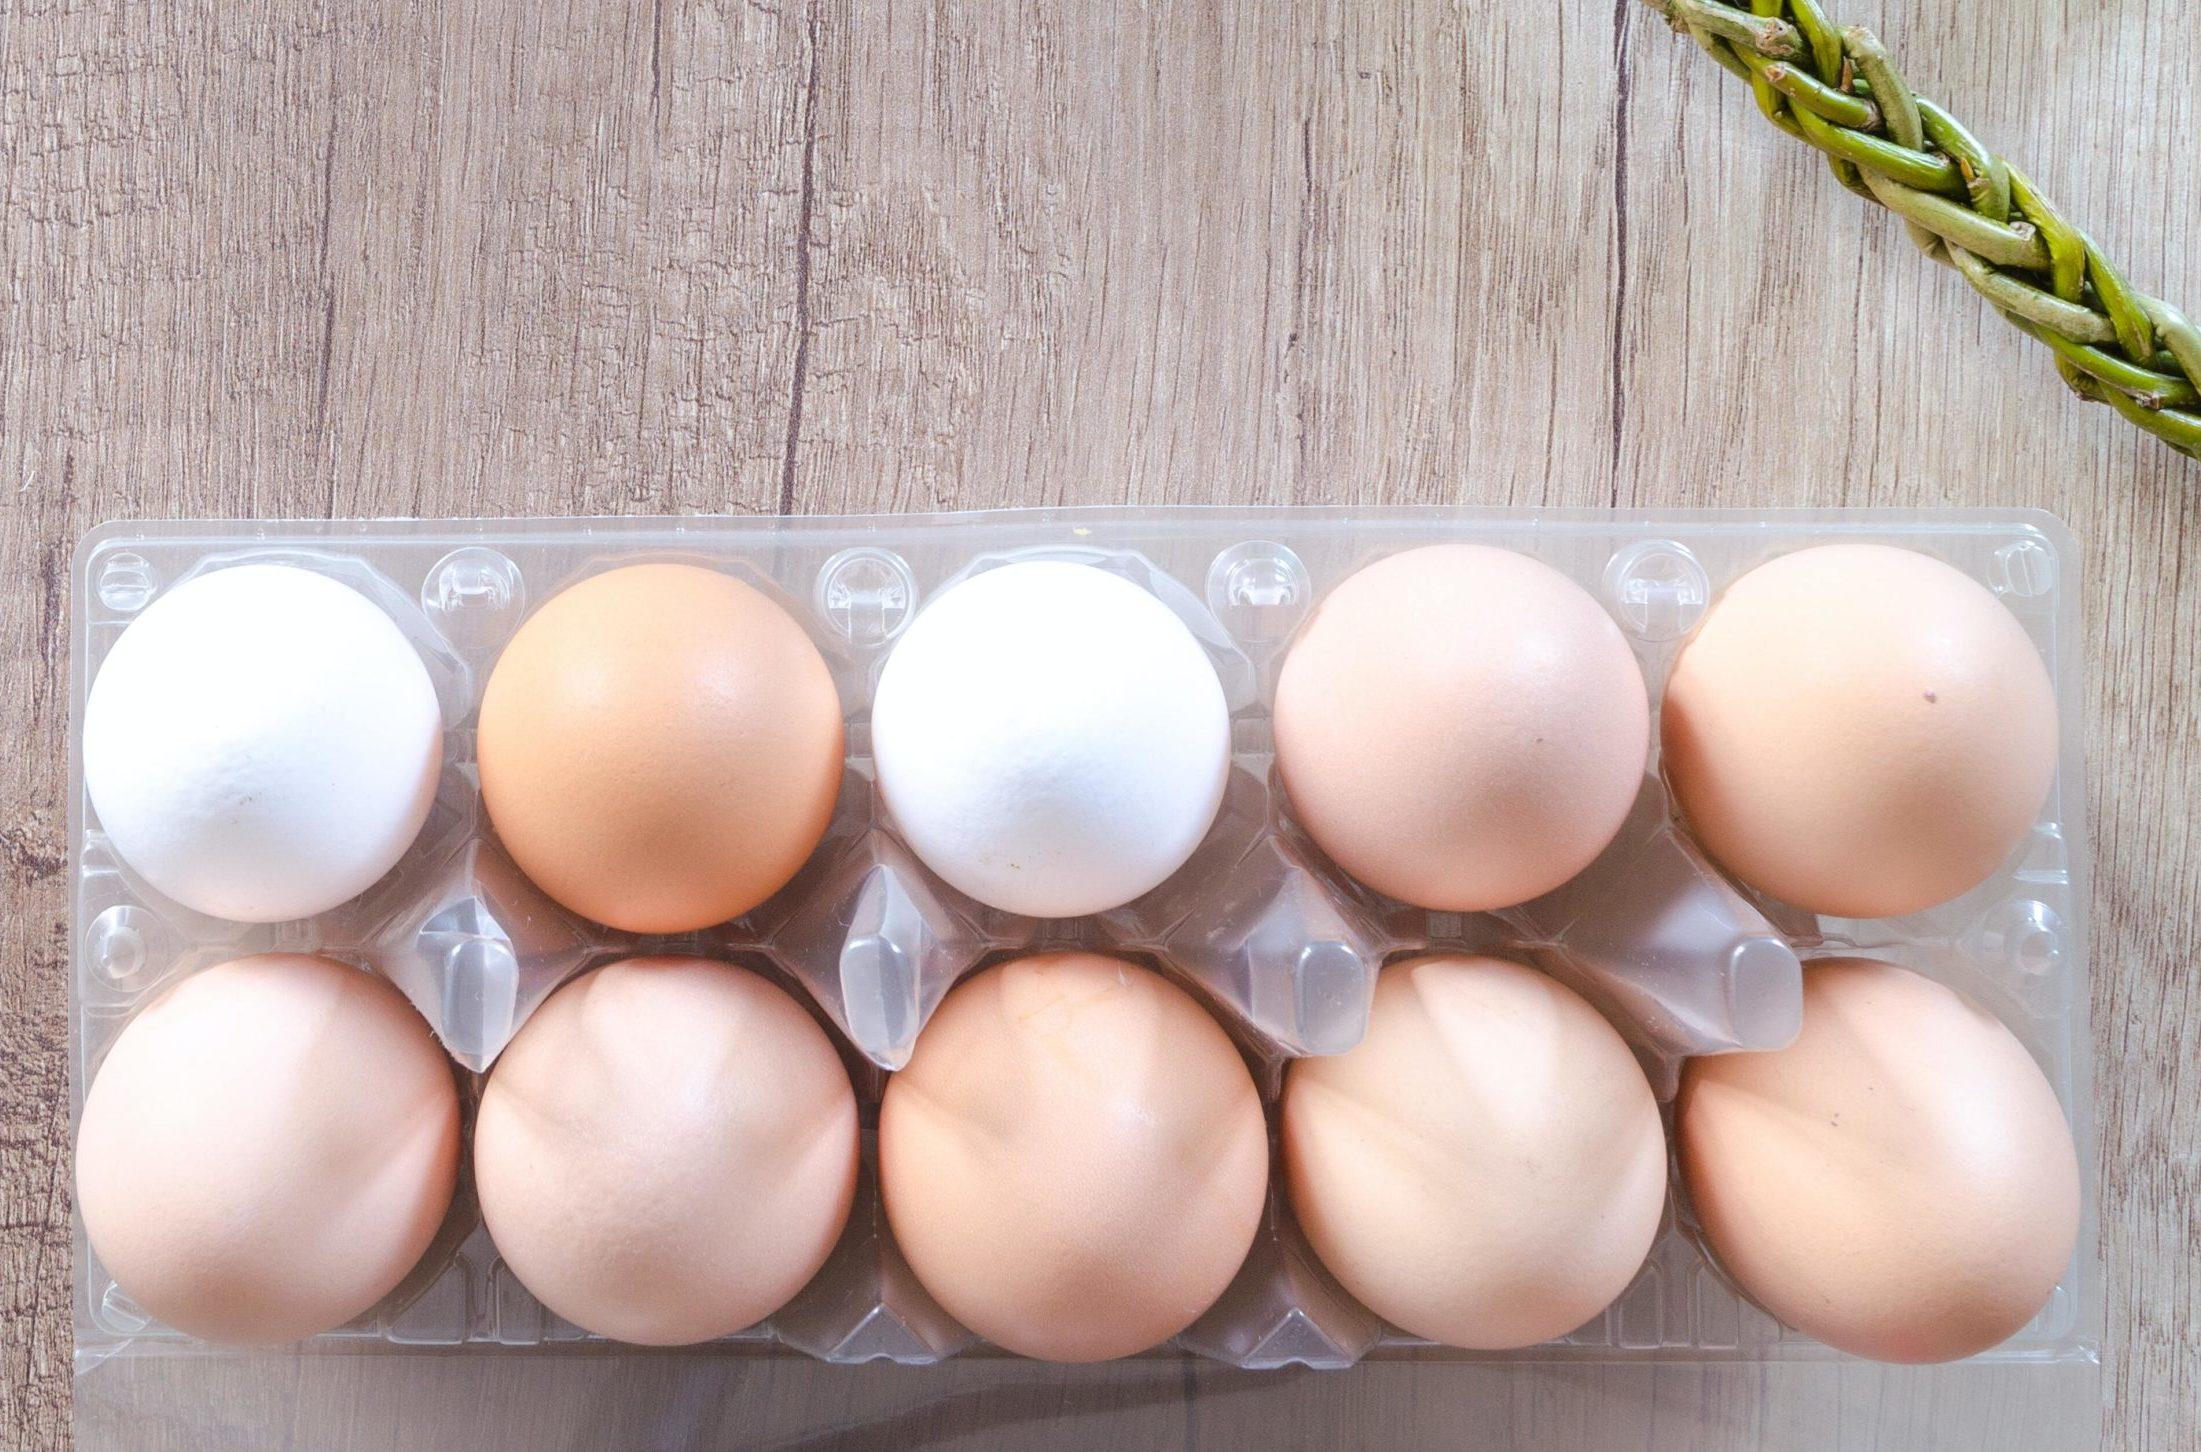 Twelve Eggs on Table